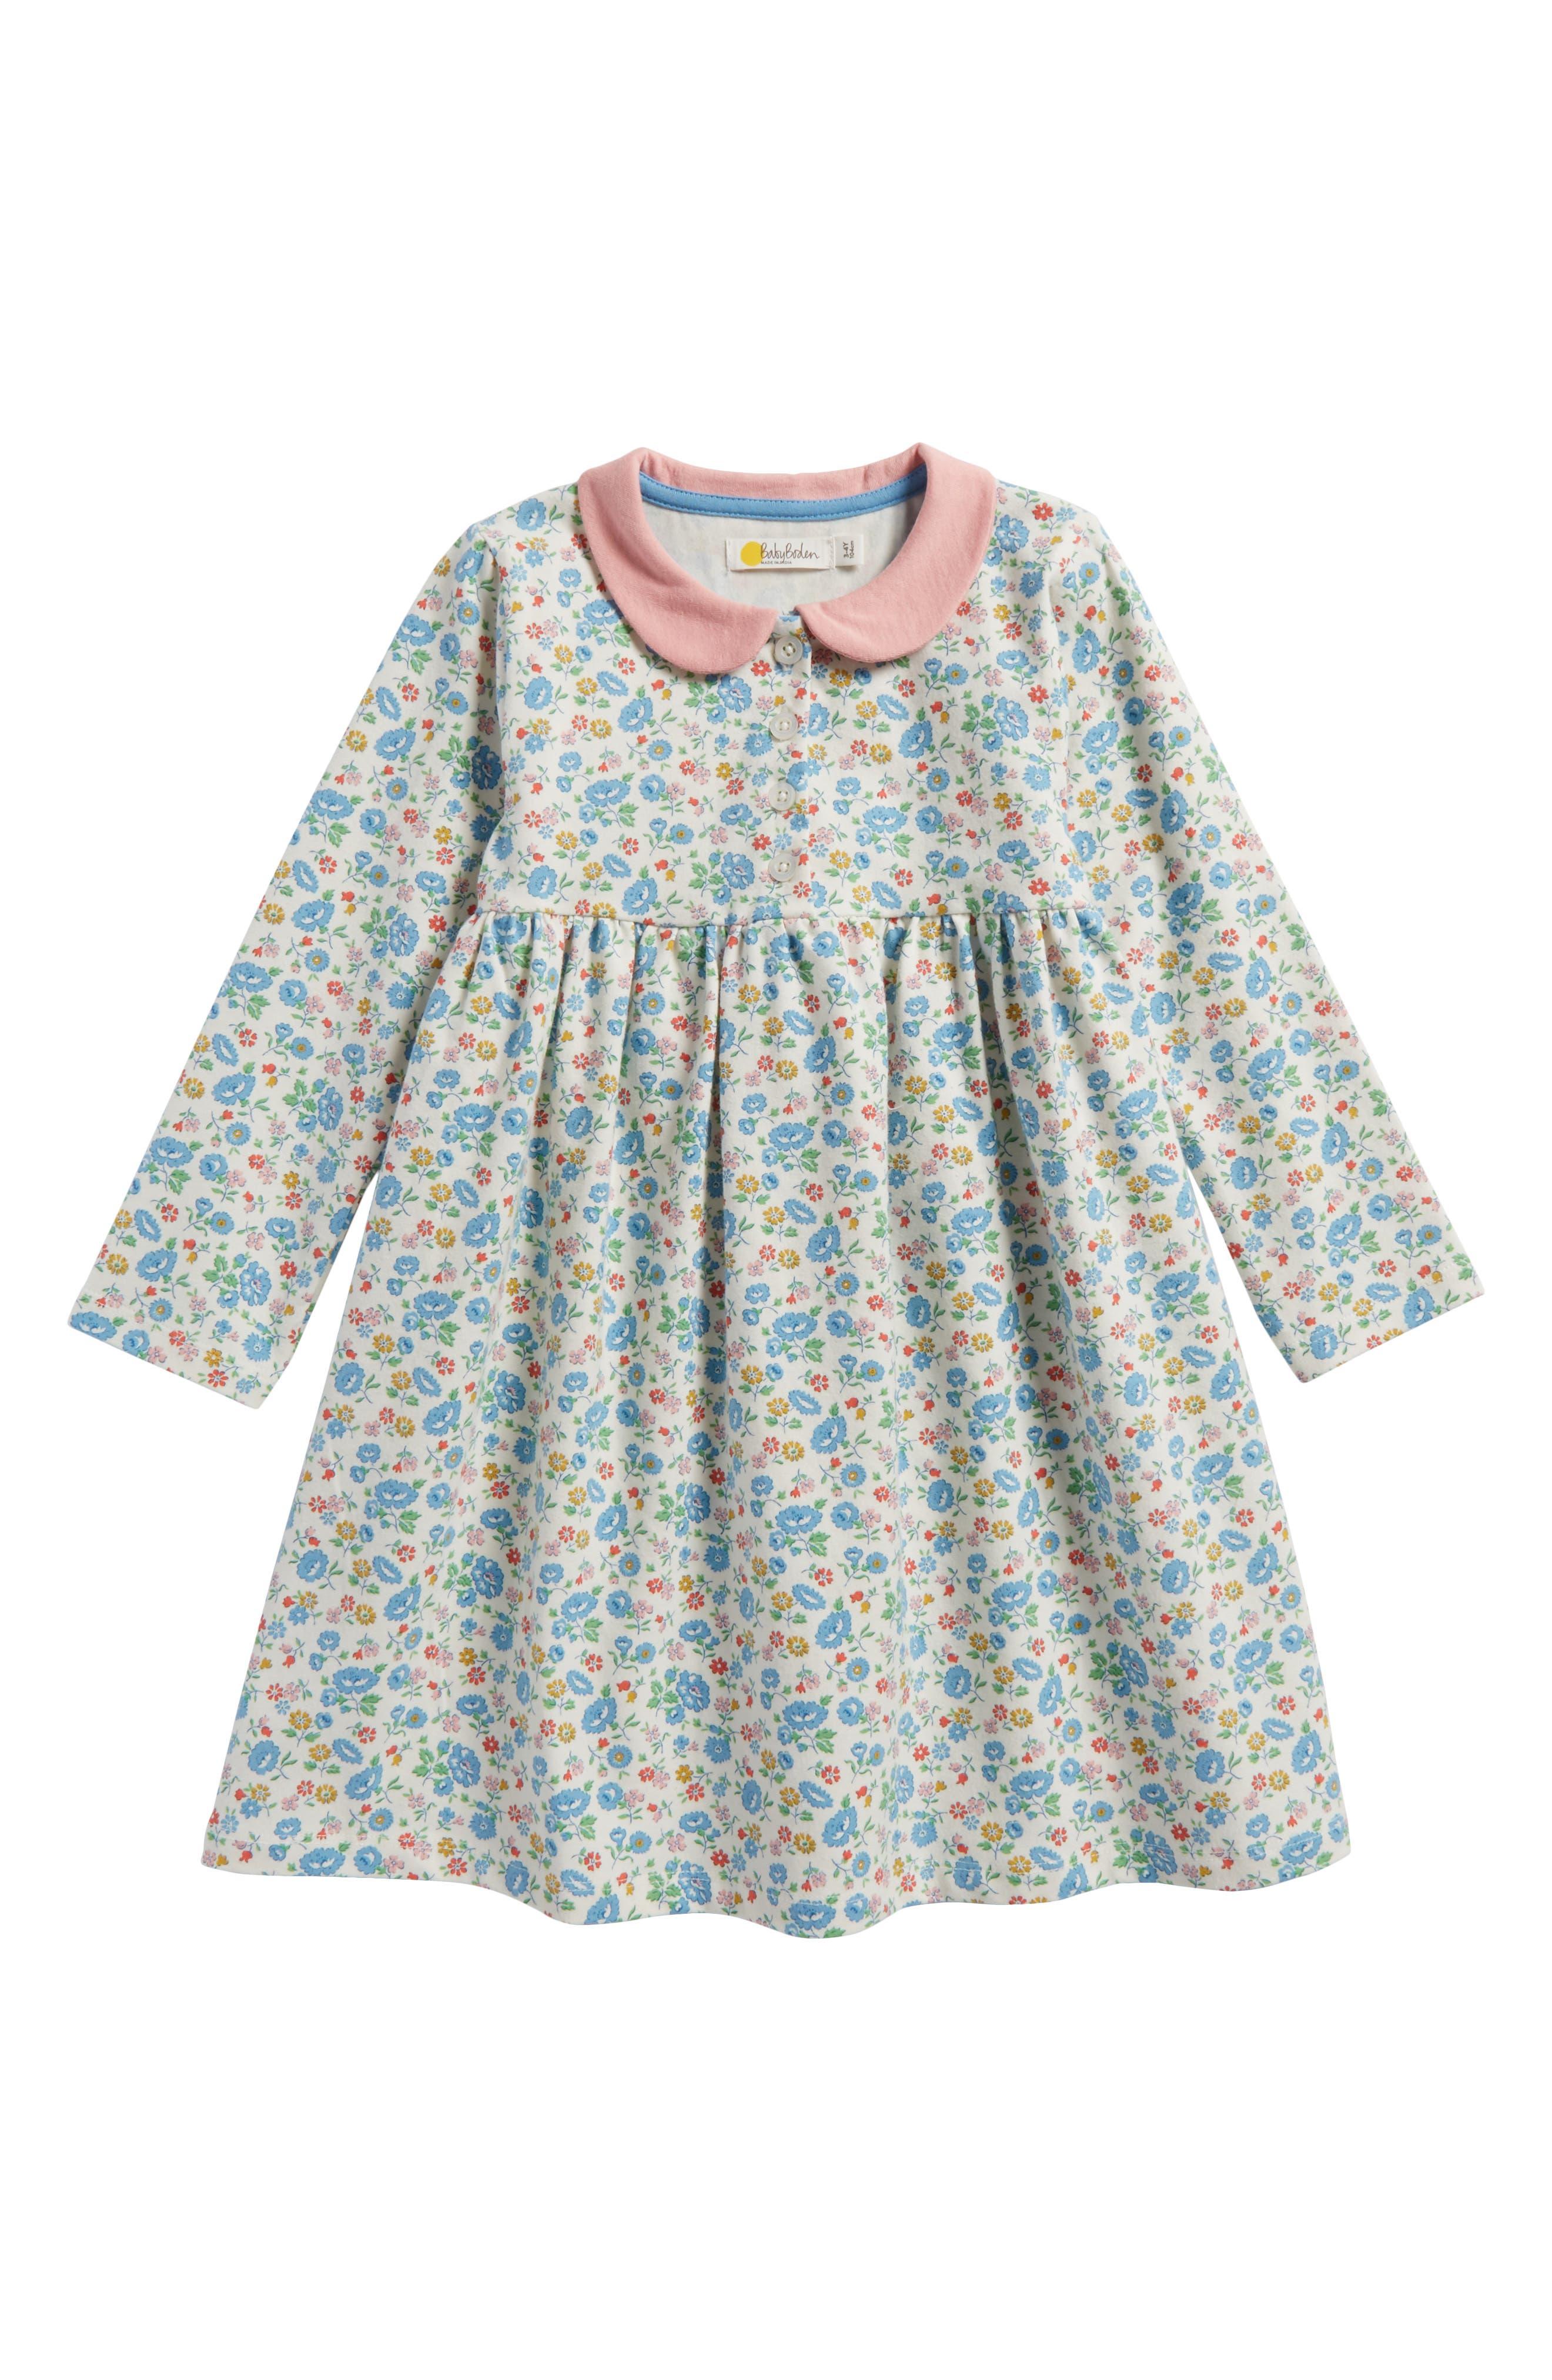 Pretty Peter Pan Collar Jersey Dress,                         Main,                         color, Ecru Summer Floral